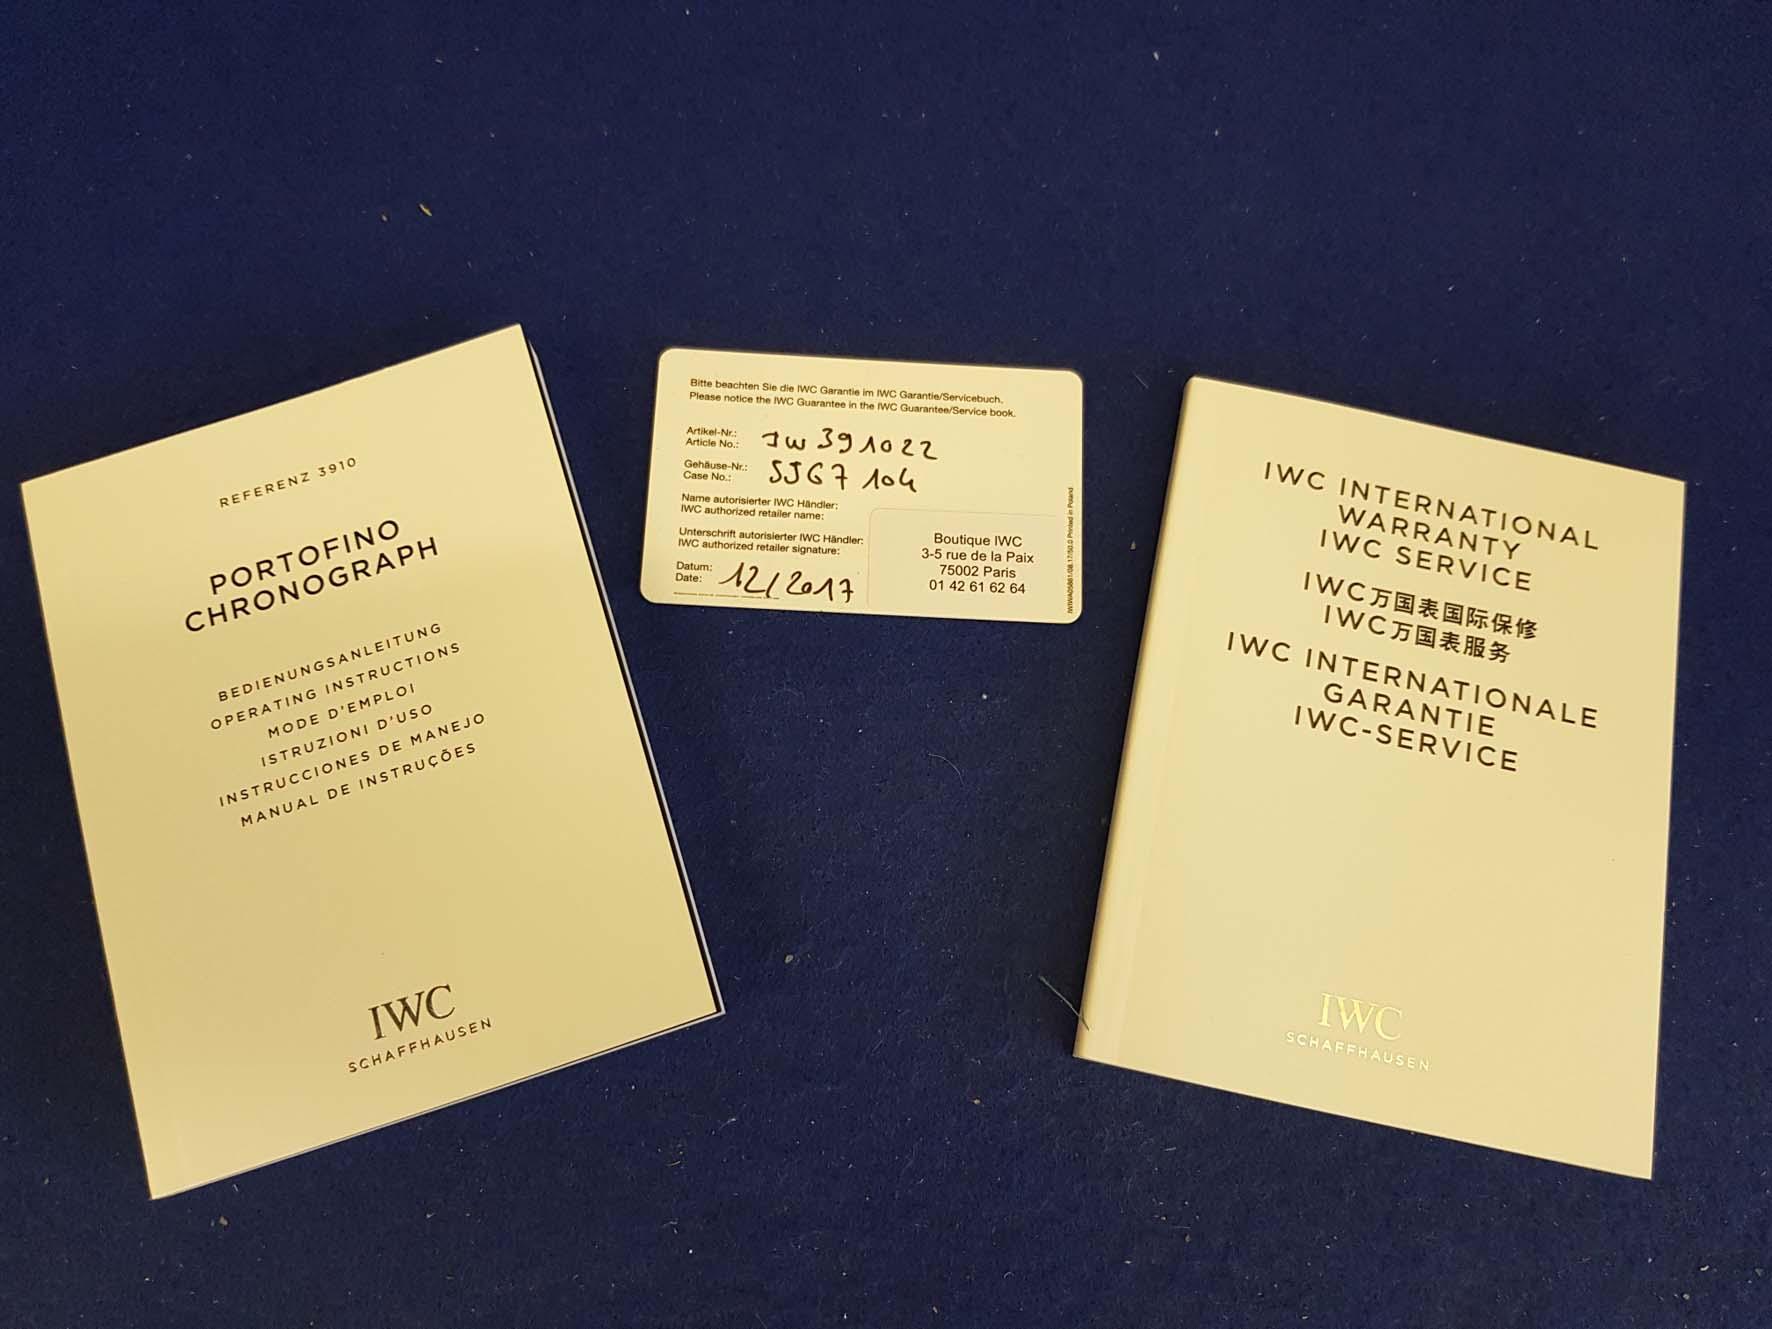 Lot 2 - IWC SCHAFFHAUSEN Portofino Gentleman's Stainless Steel Chronograph Wrist Watch, Day/Date Function,